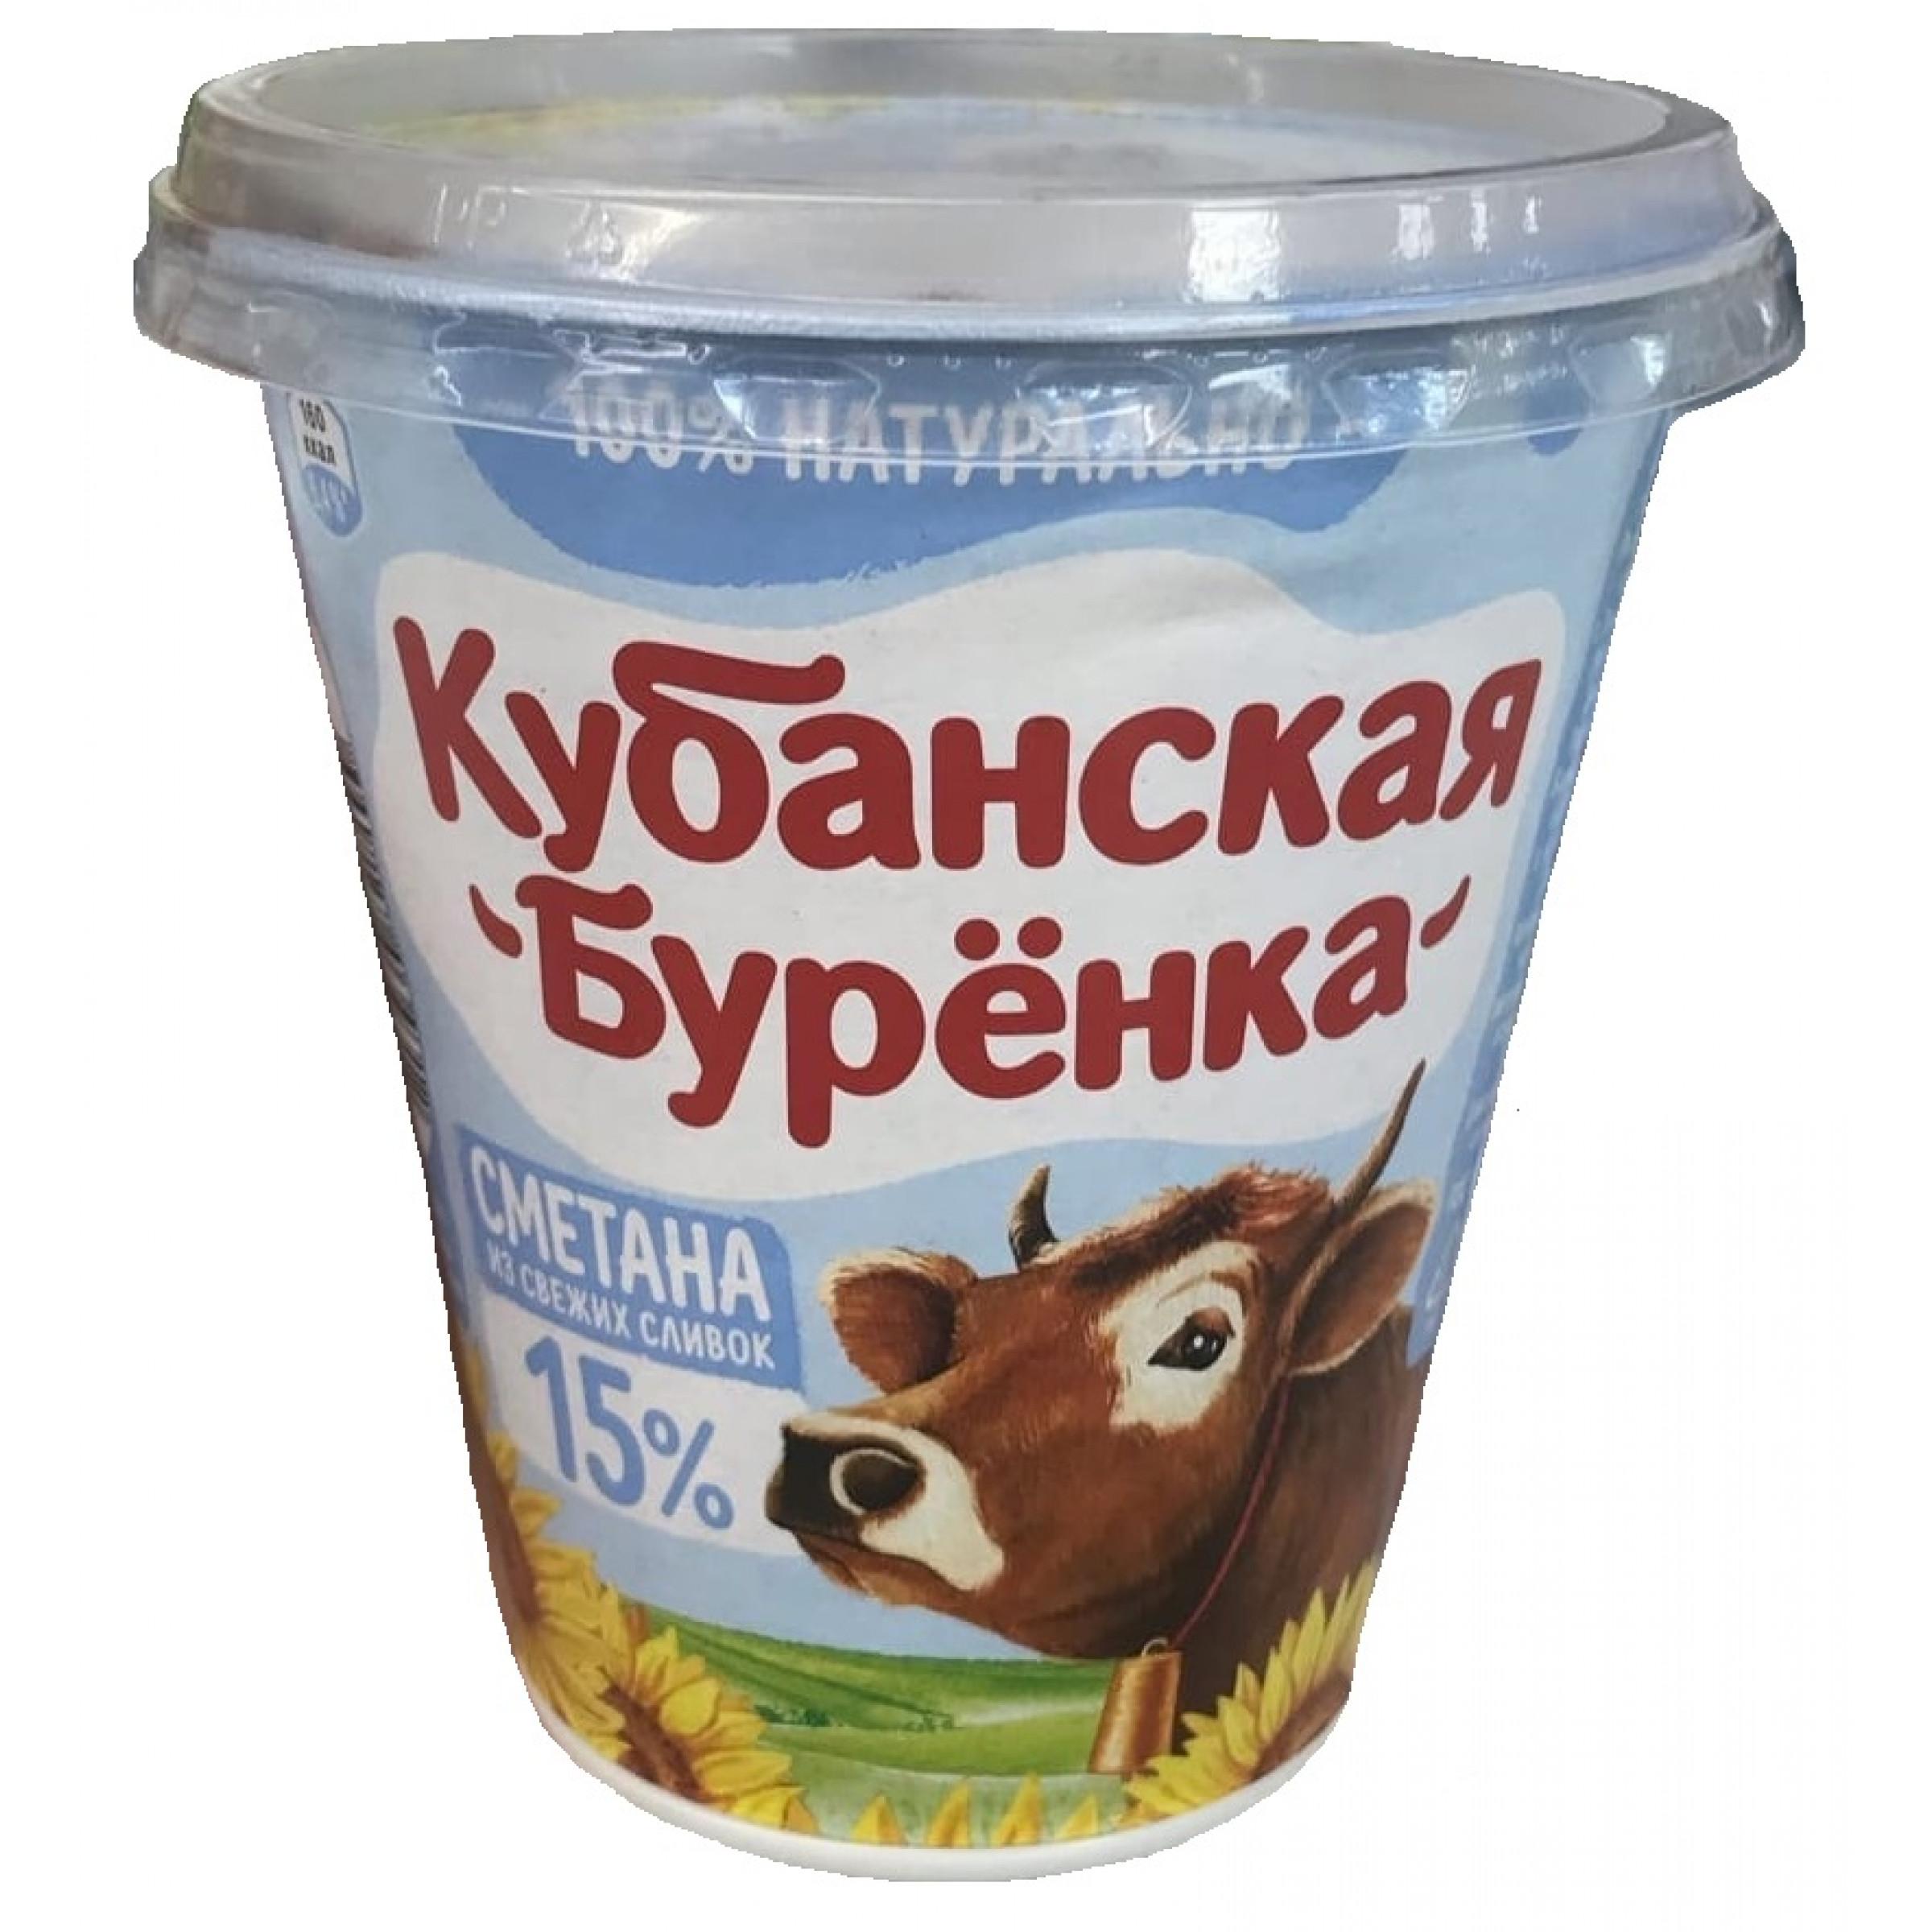 """Сметана """"Кубанская Буренка"""" 15%, 300 г"""